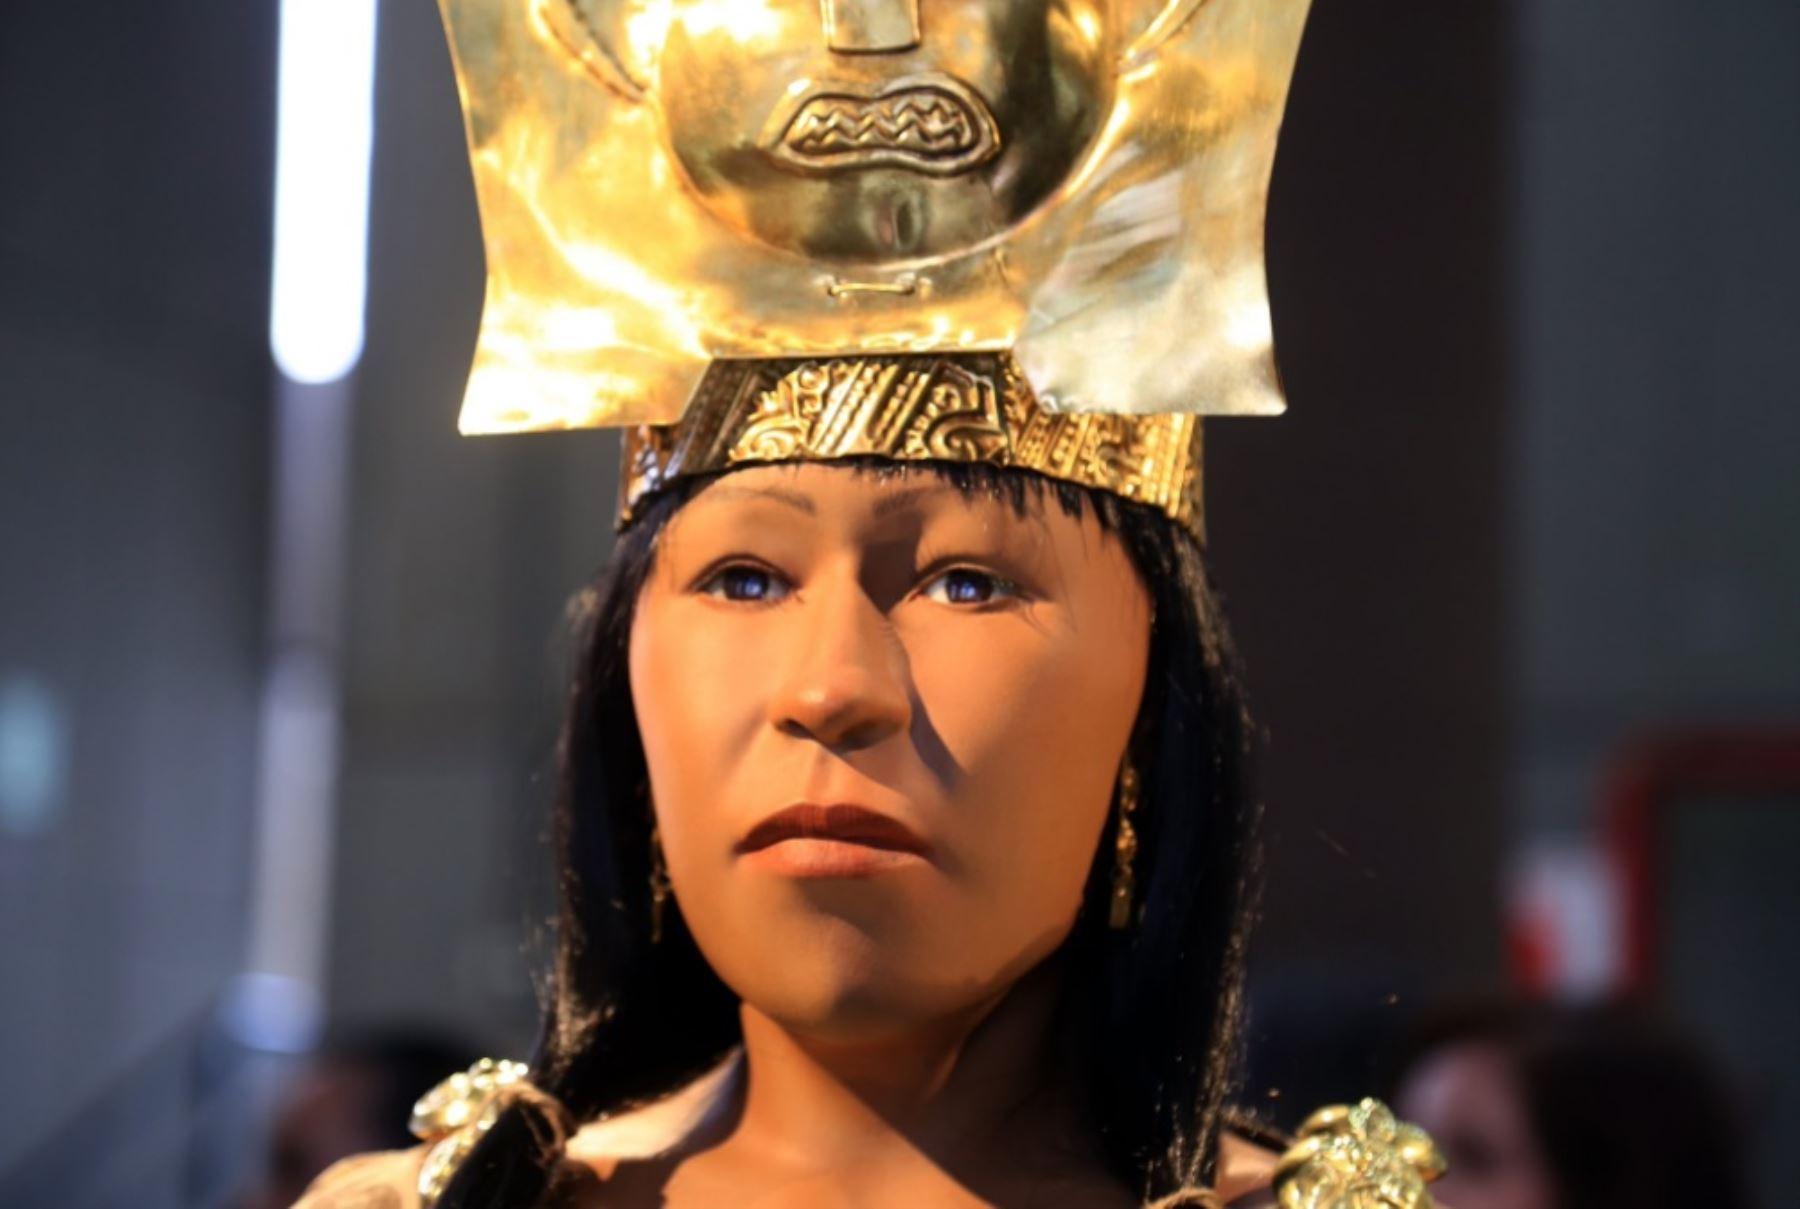 El ministro de Cultura, Salvador del Solar, destacó hoy que gracias a la avanzada tecnología y el denodado trabajo de 10 meses realizado por arqueólogos del complejo El Brujo, el Perú y el mundo pueden conocer ahora el rostro de la Señora de Cao, gobernante mochica que vivió hace 1,700 años en el norte del país.